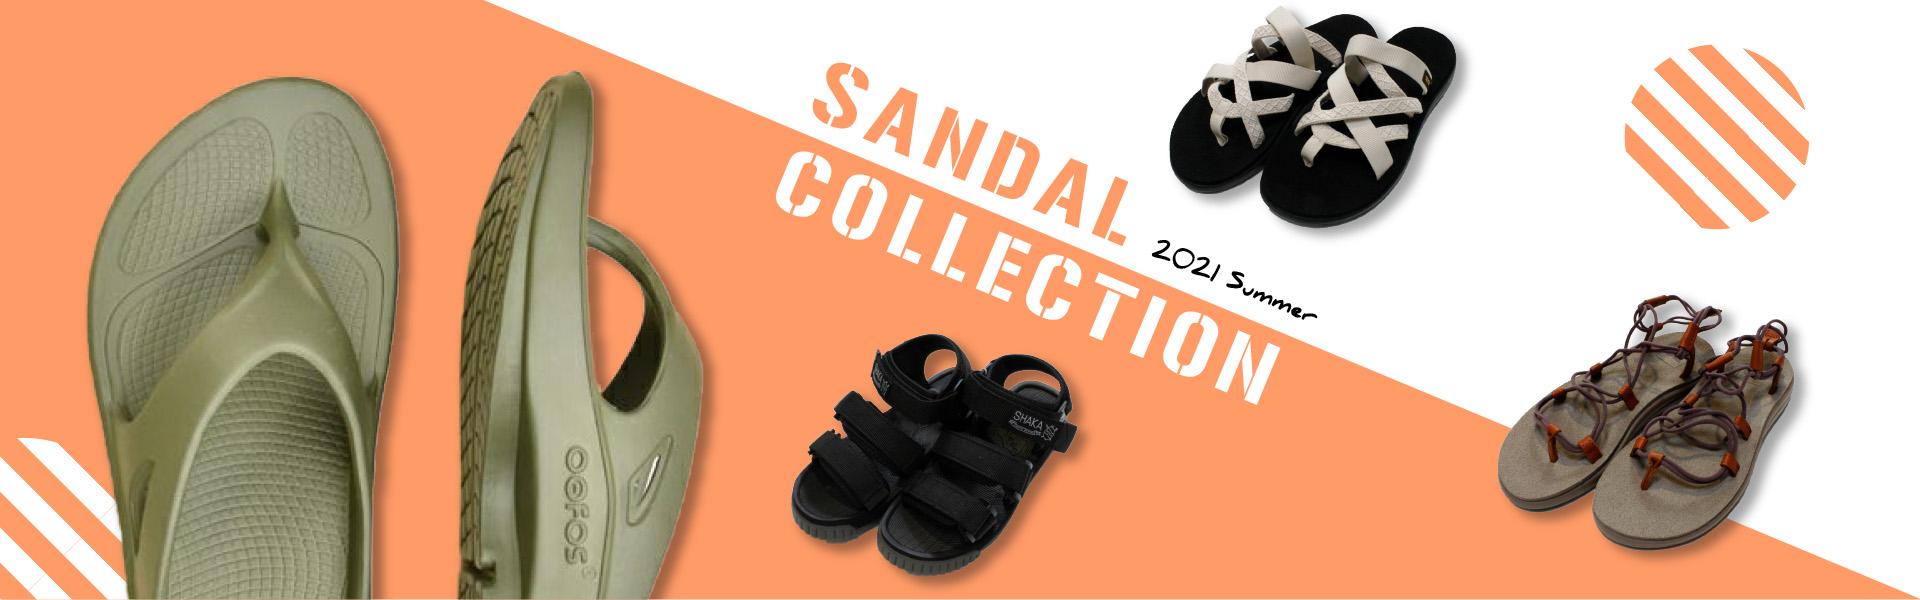 サンダル collection